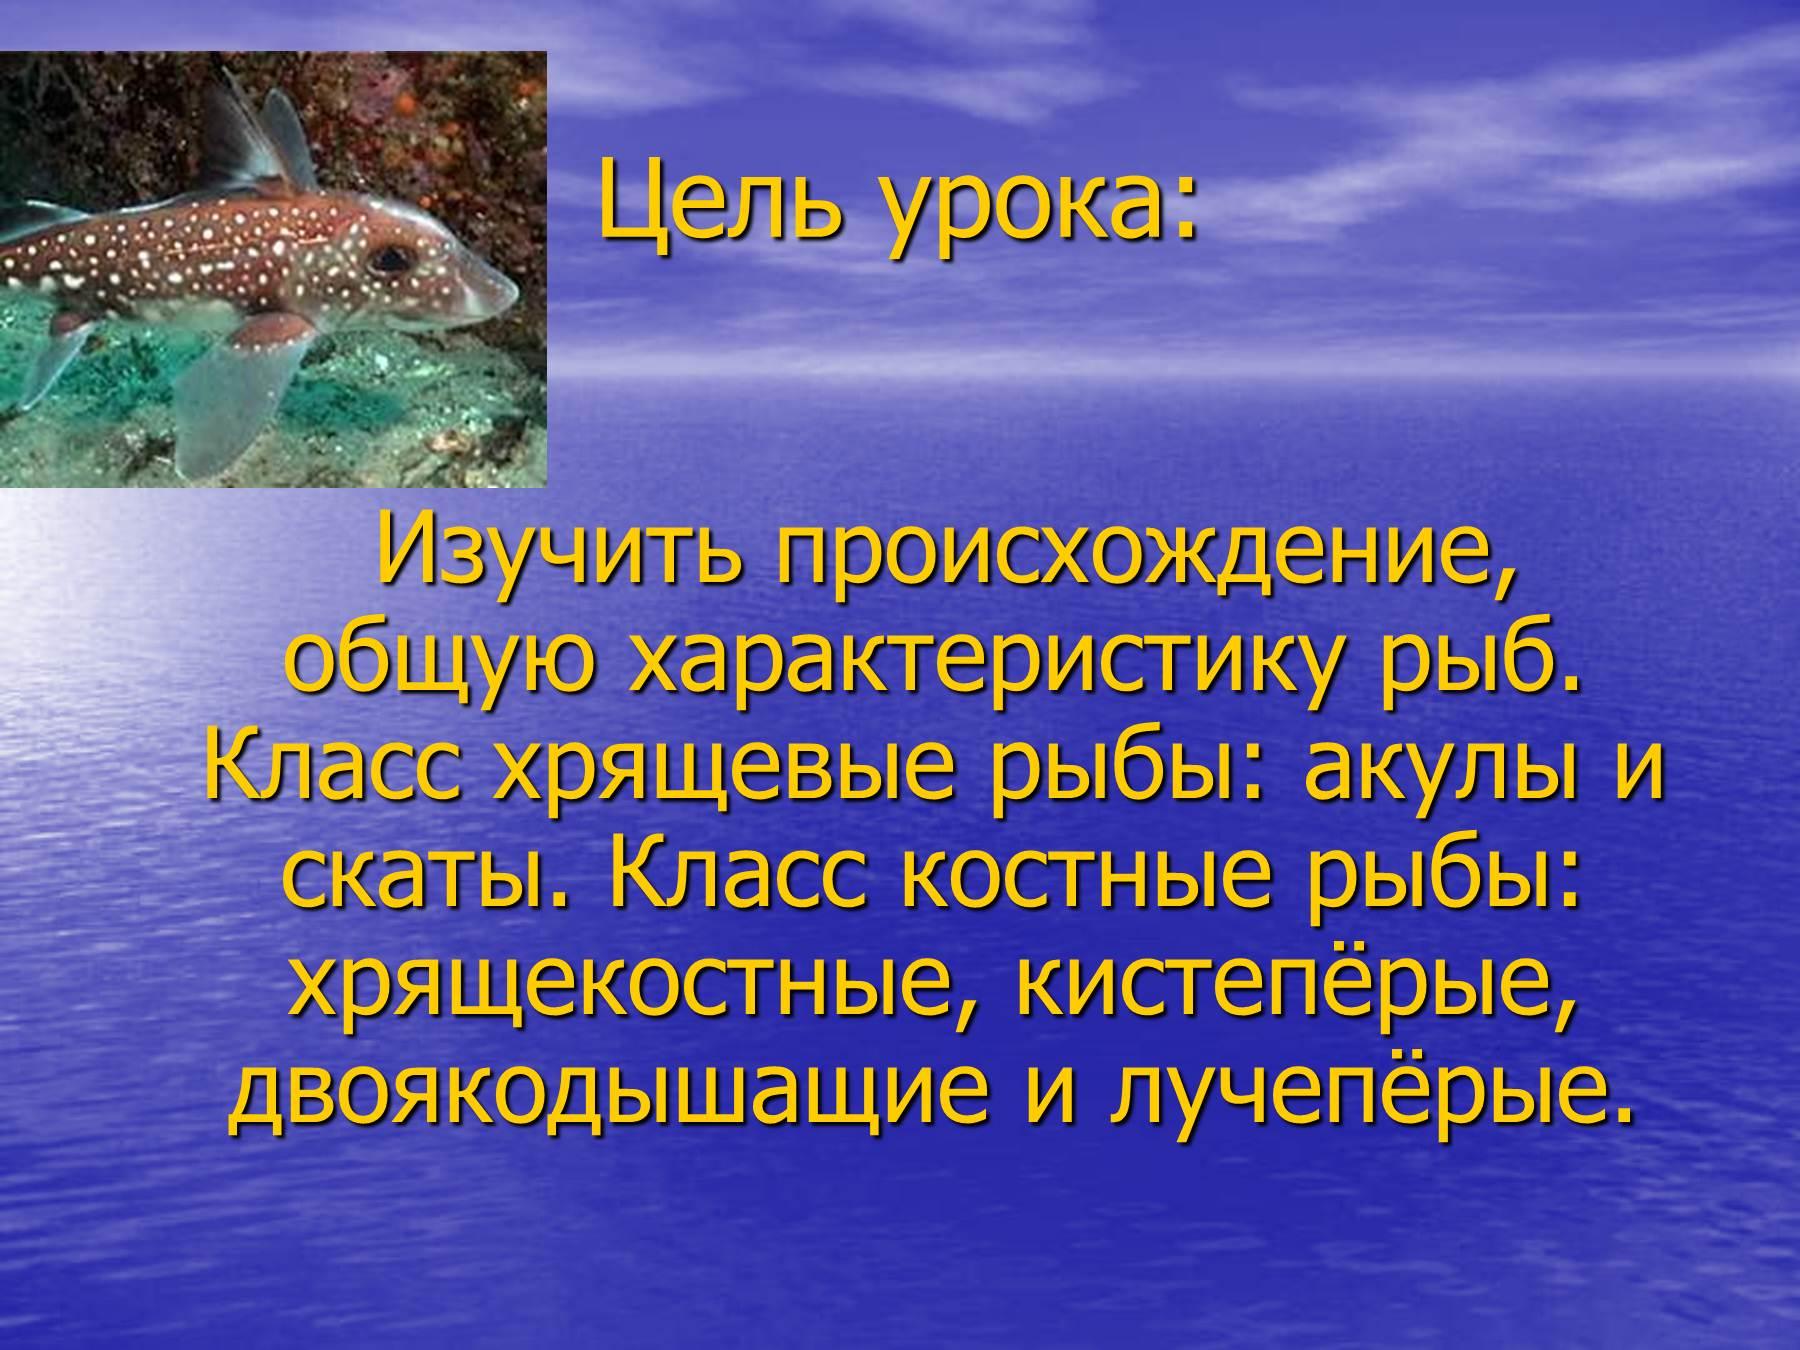 презентация глубоководные рыбы